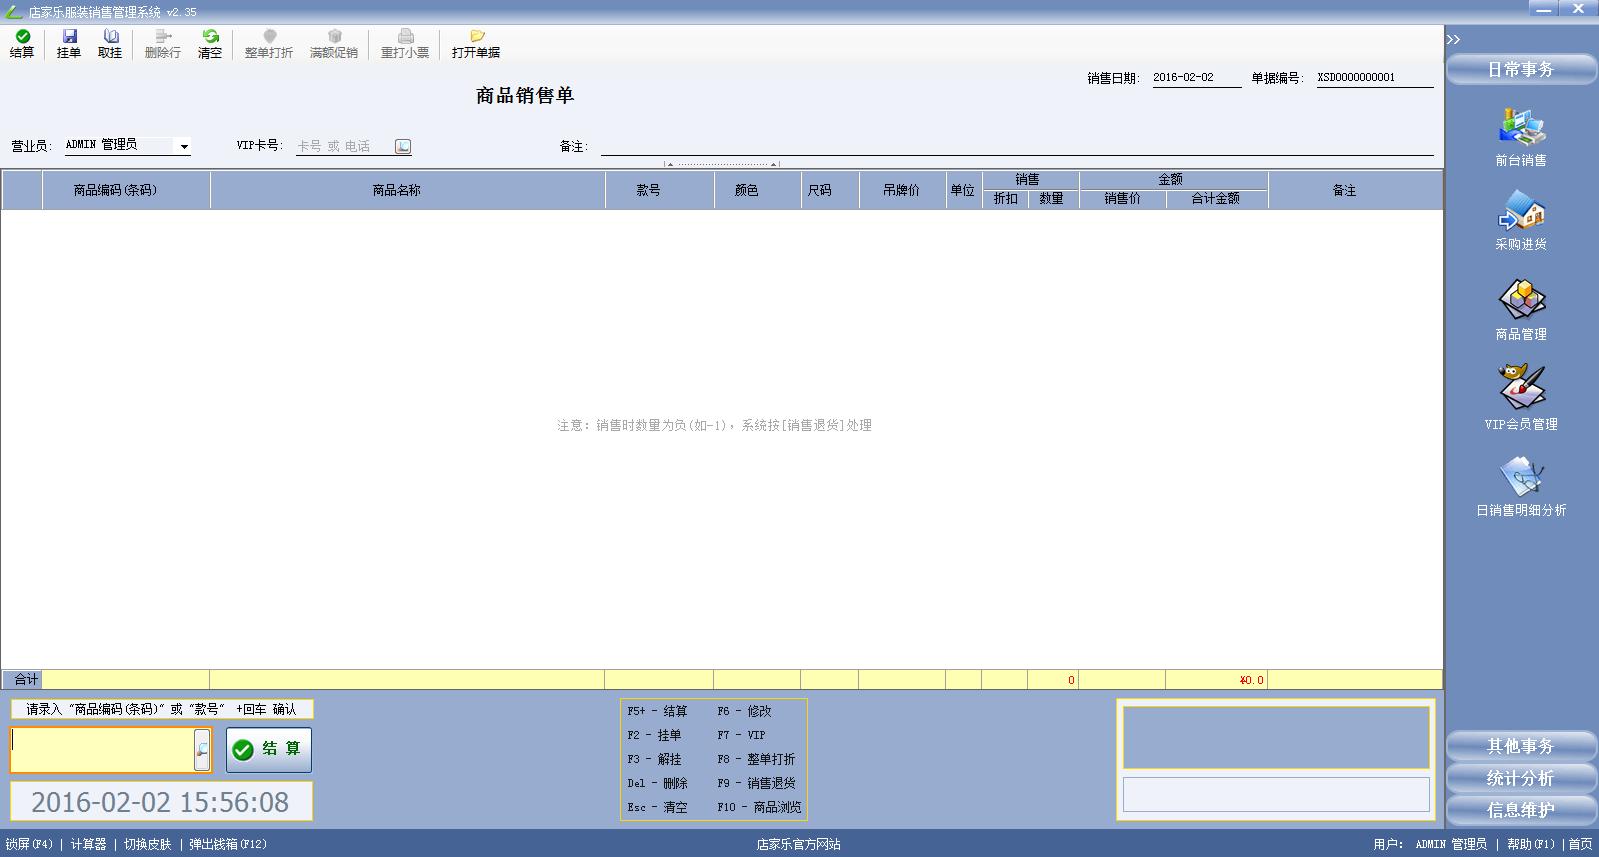 店家乐服装销售管理软件系统截图2